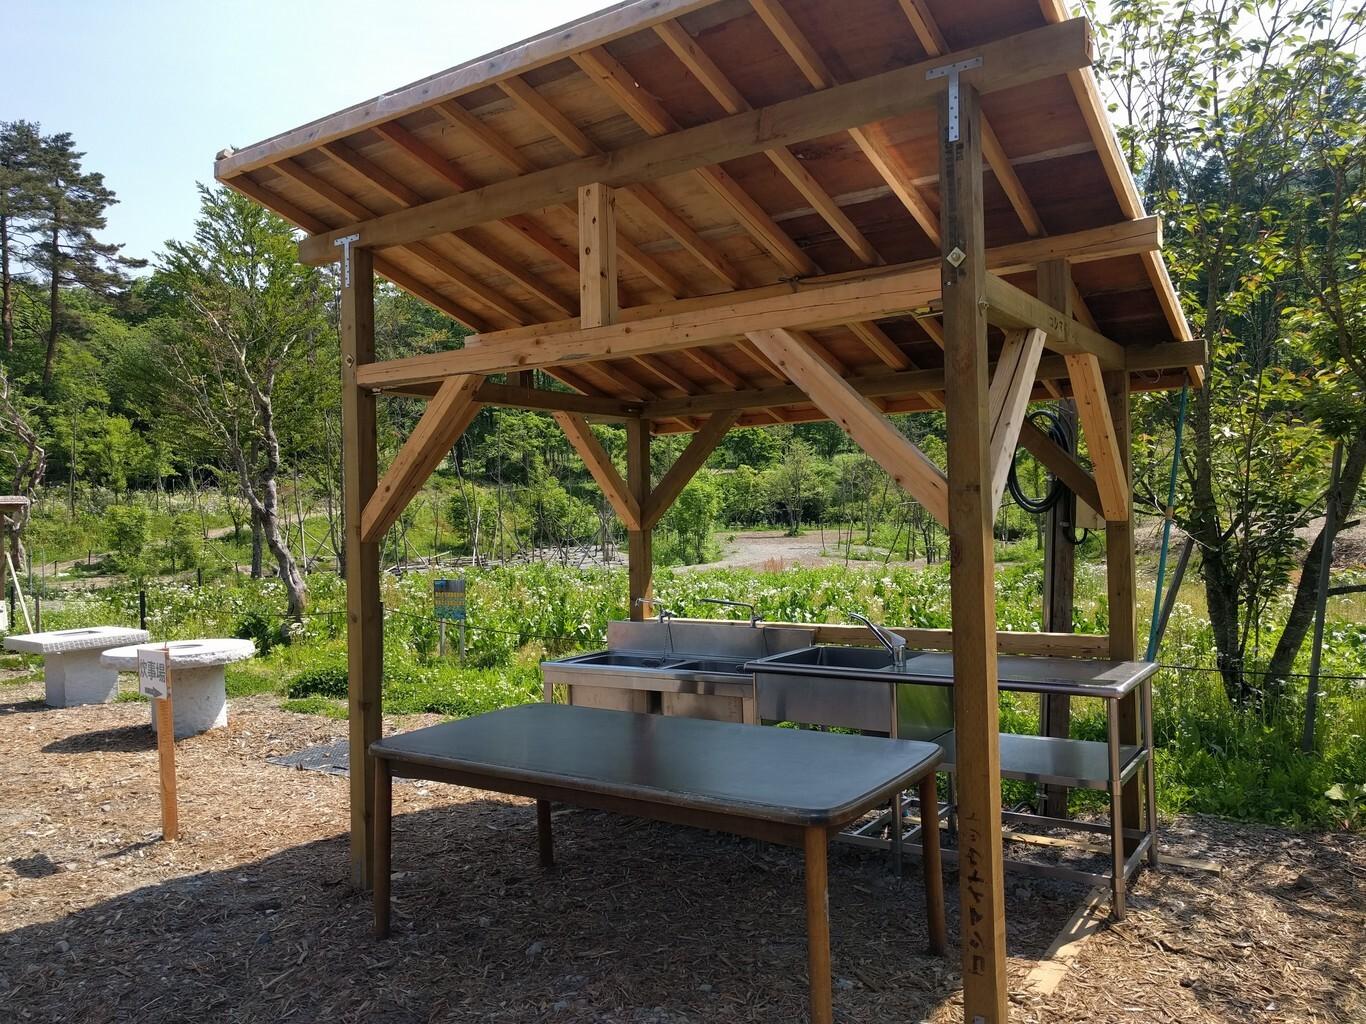 白馬森のわさび農園オートキャンプ場 の公式写真c8450